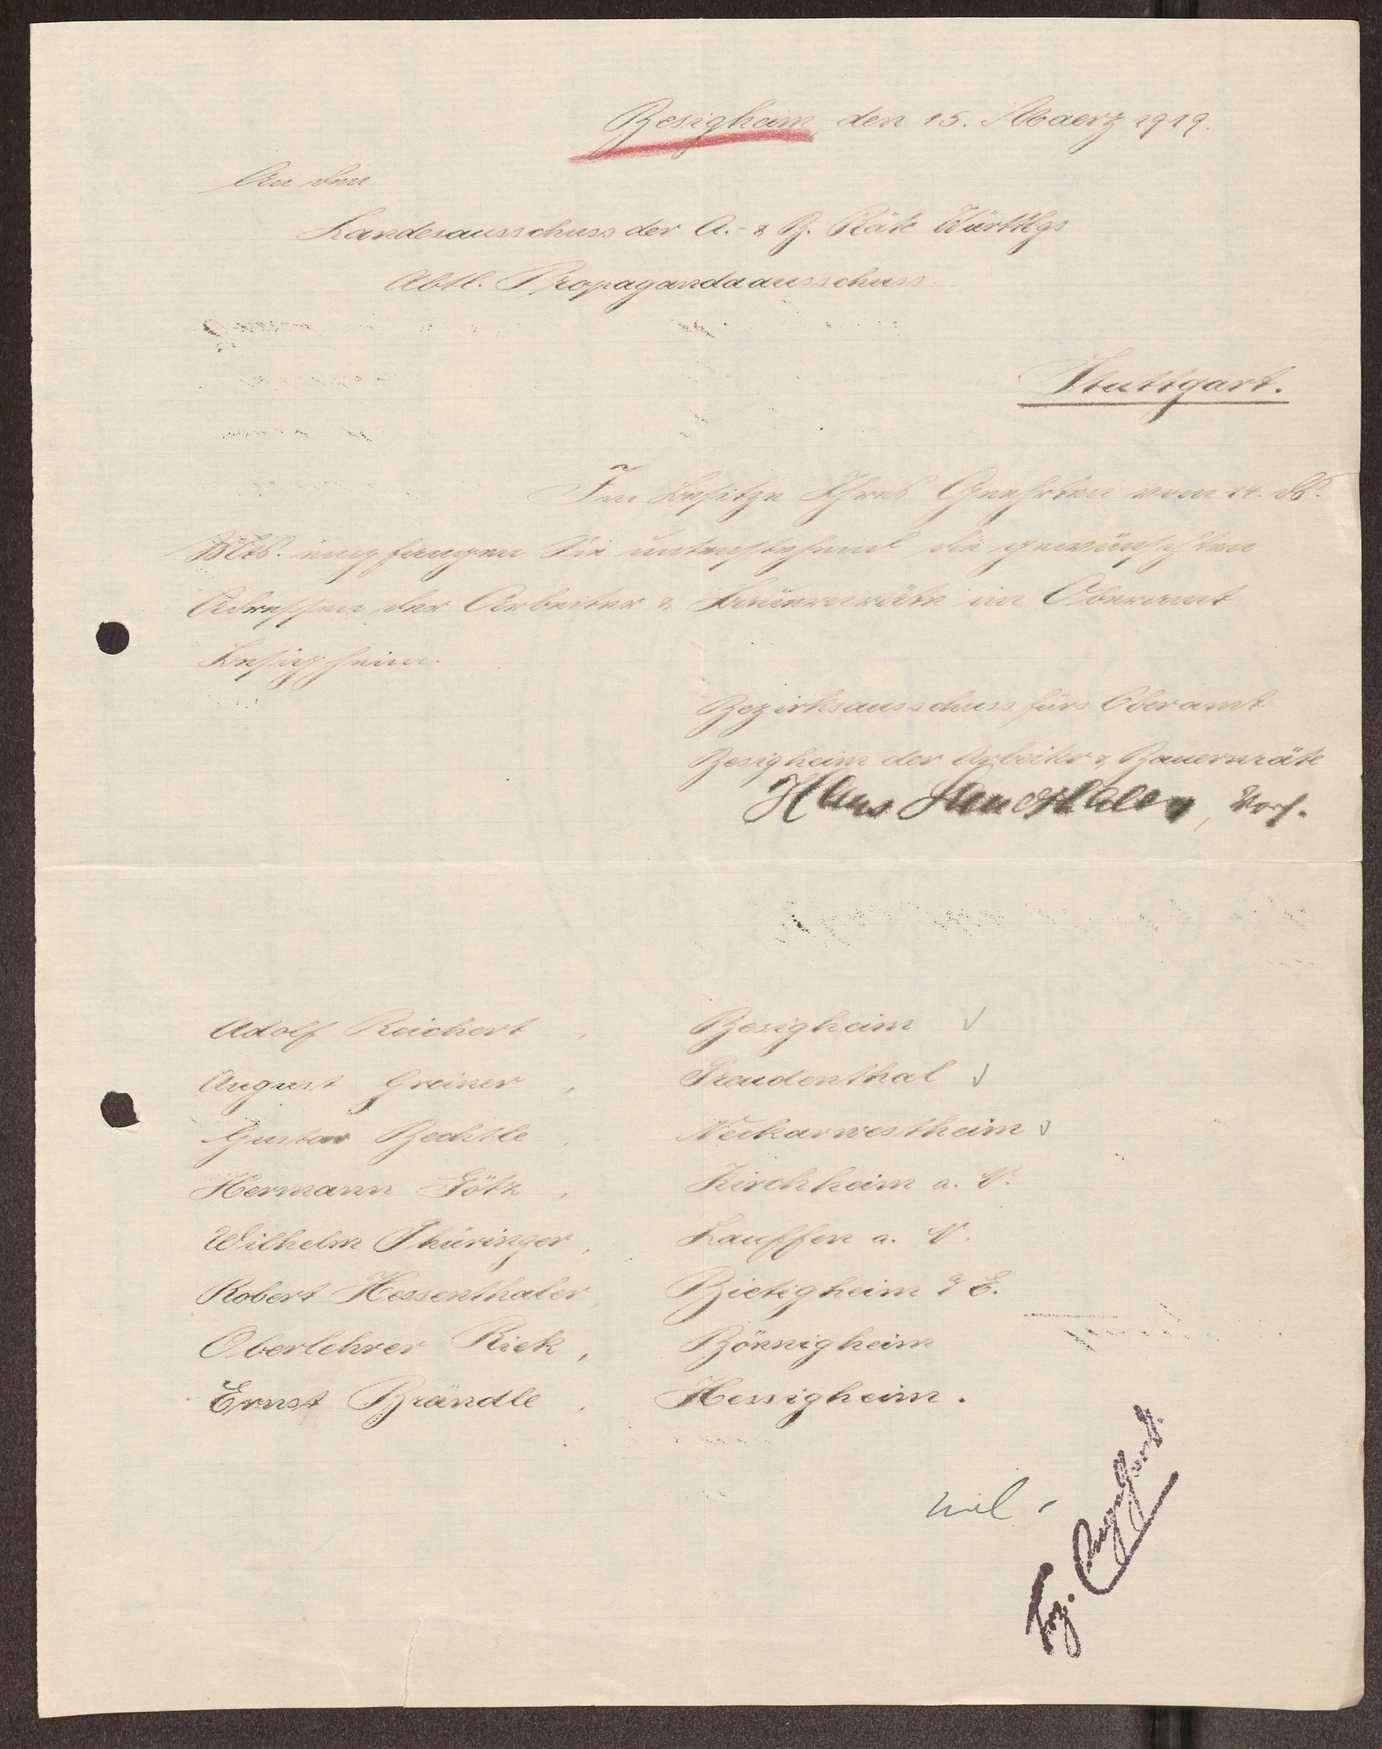 Wahl, Zusammensetzung und Auflösung der Arbeiter- und Bauernräte im Oberamt Besigheim, Bild 3